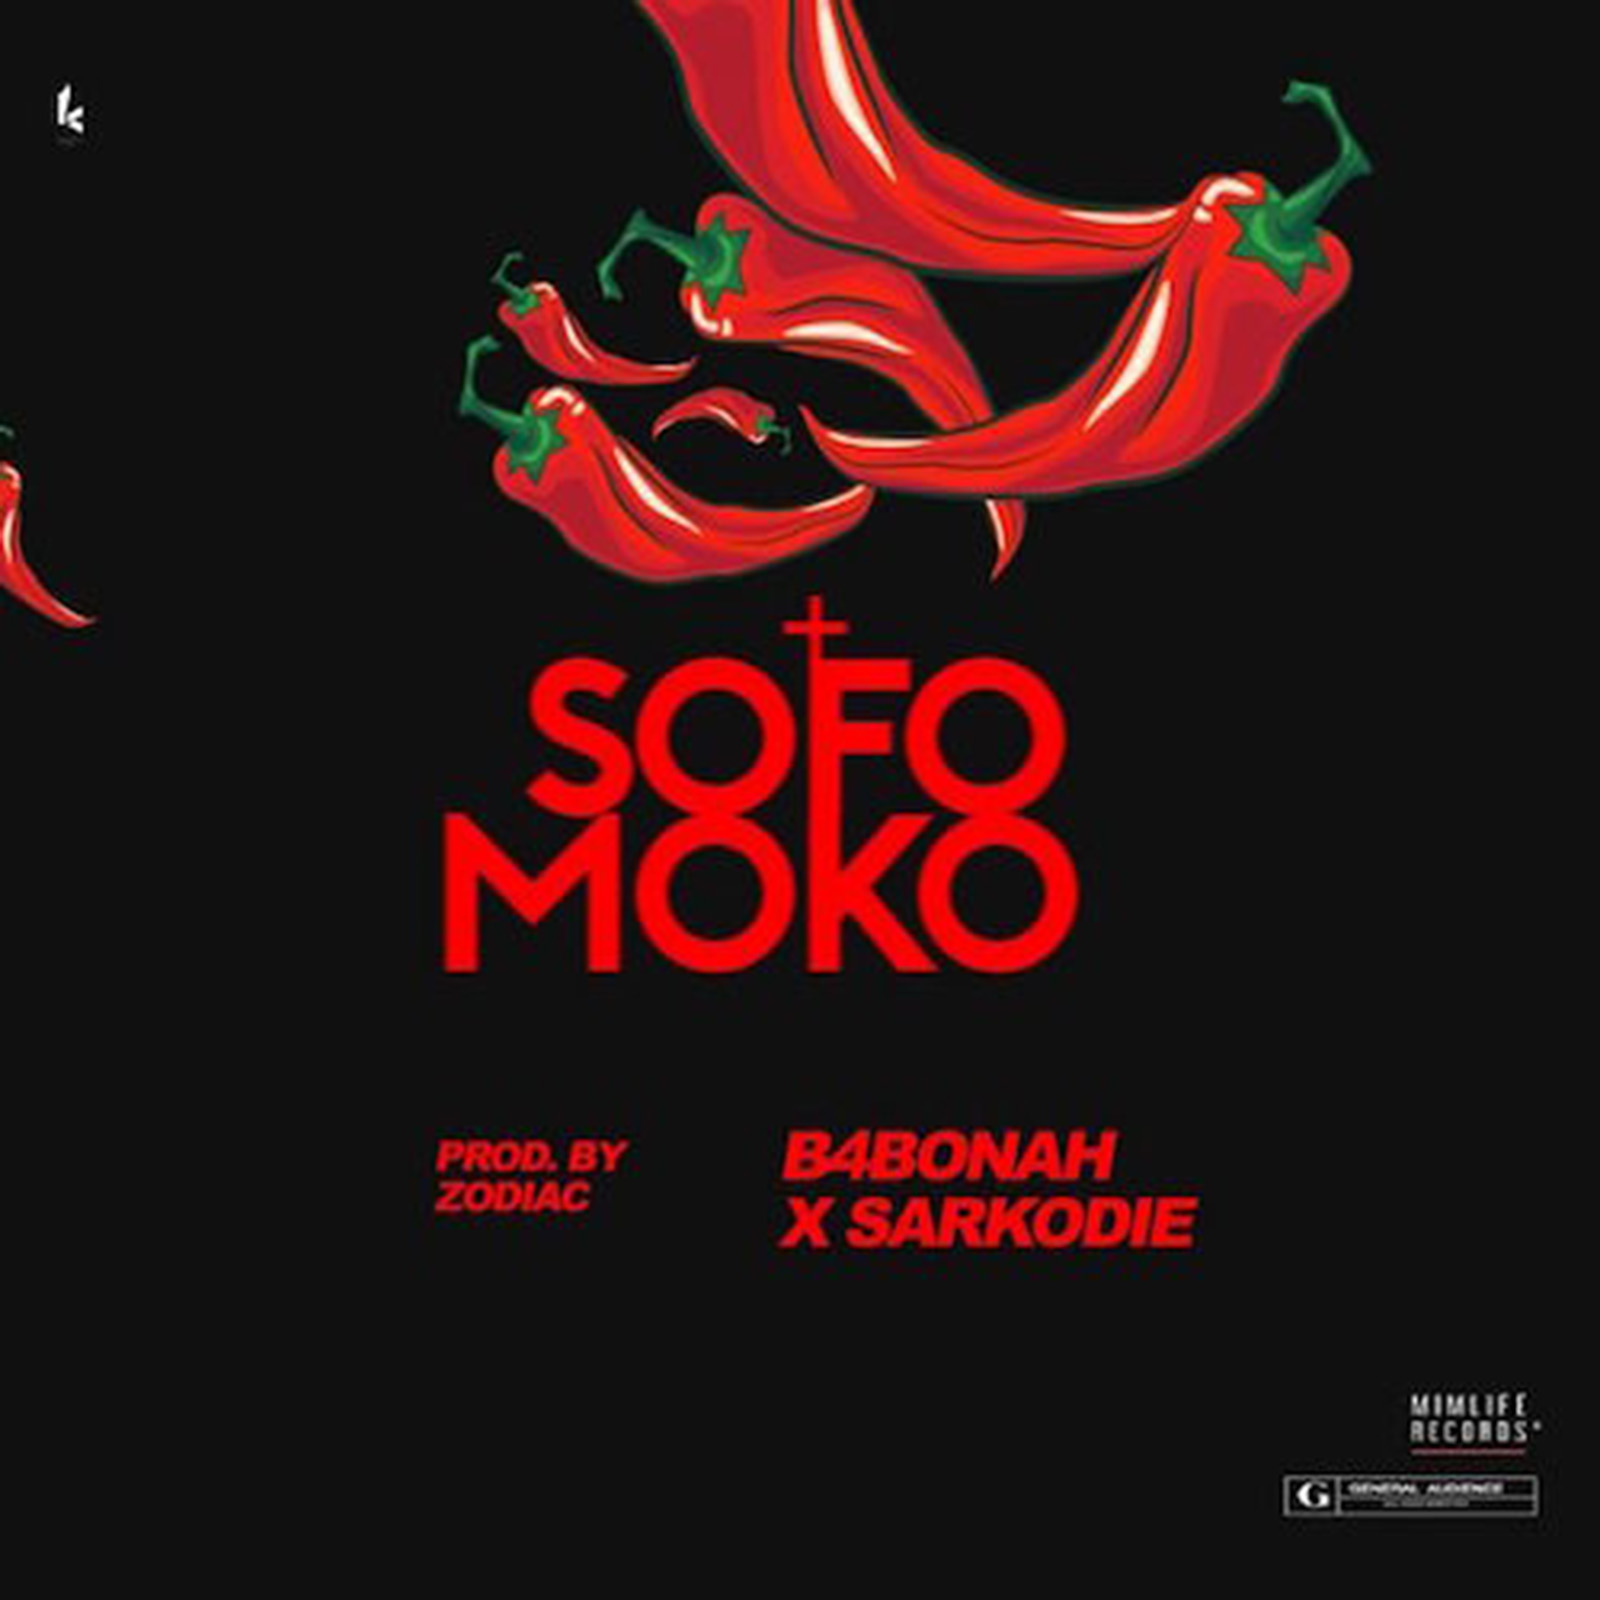 Sofo Moko Remix by Sakabo feat. B4bonah & Ranky